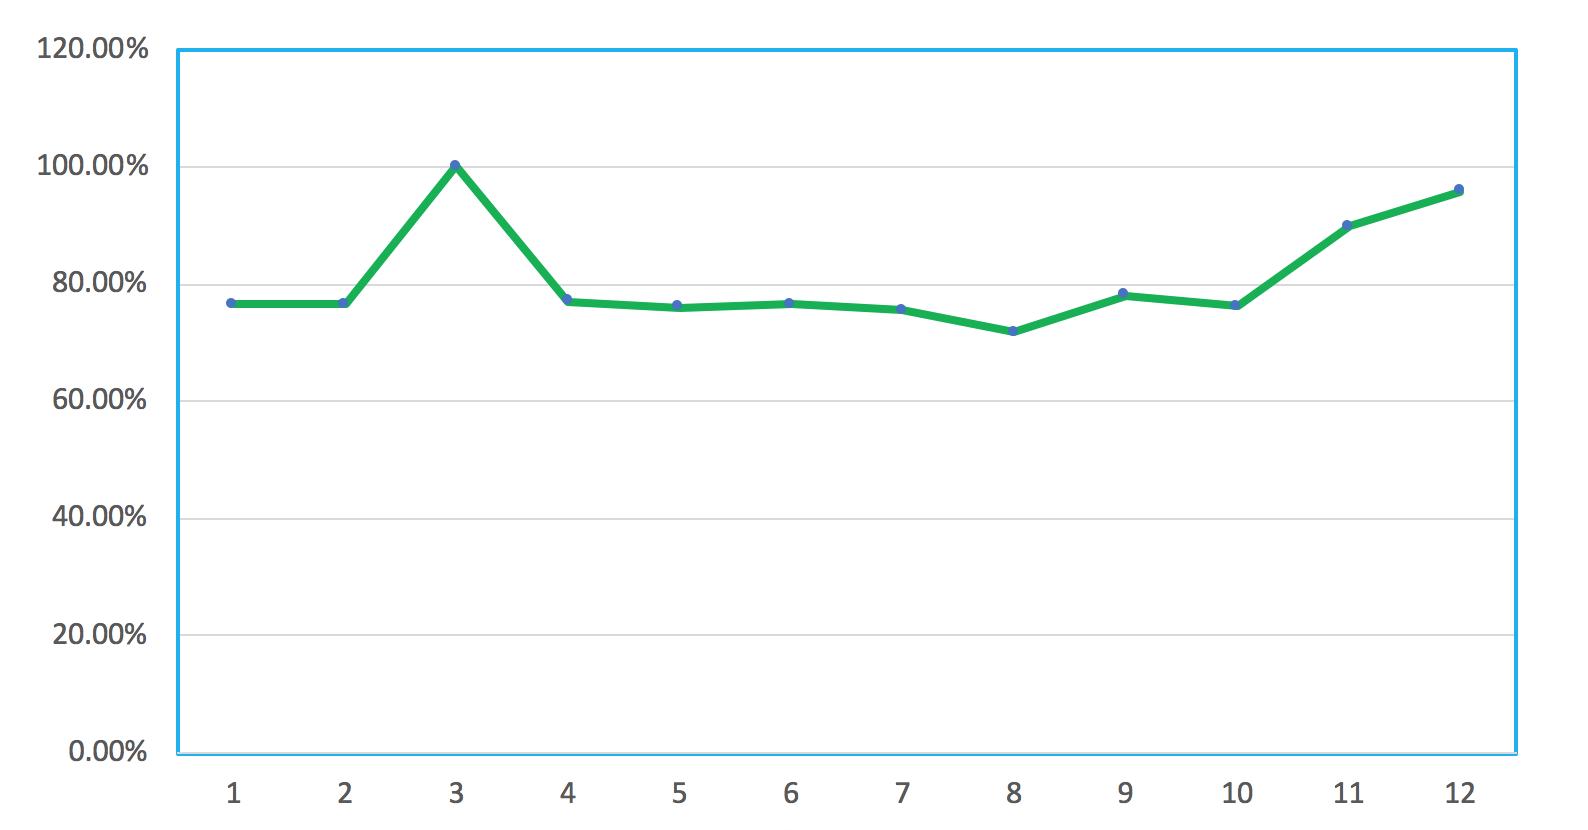 グーグルアドセンスの月別クリック単価データ